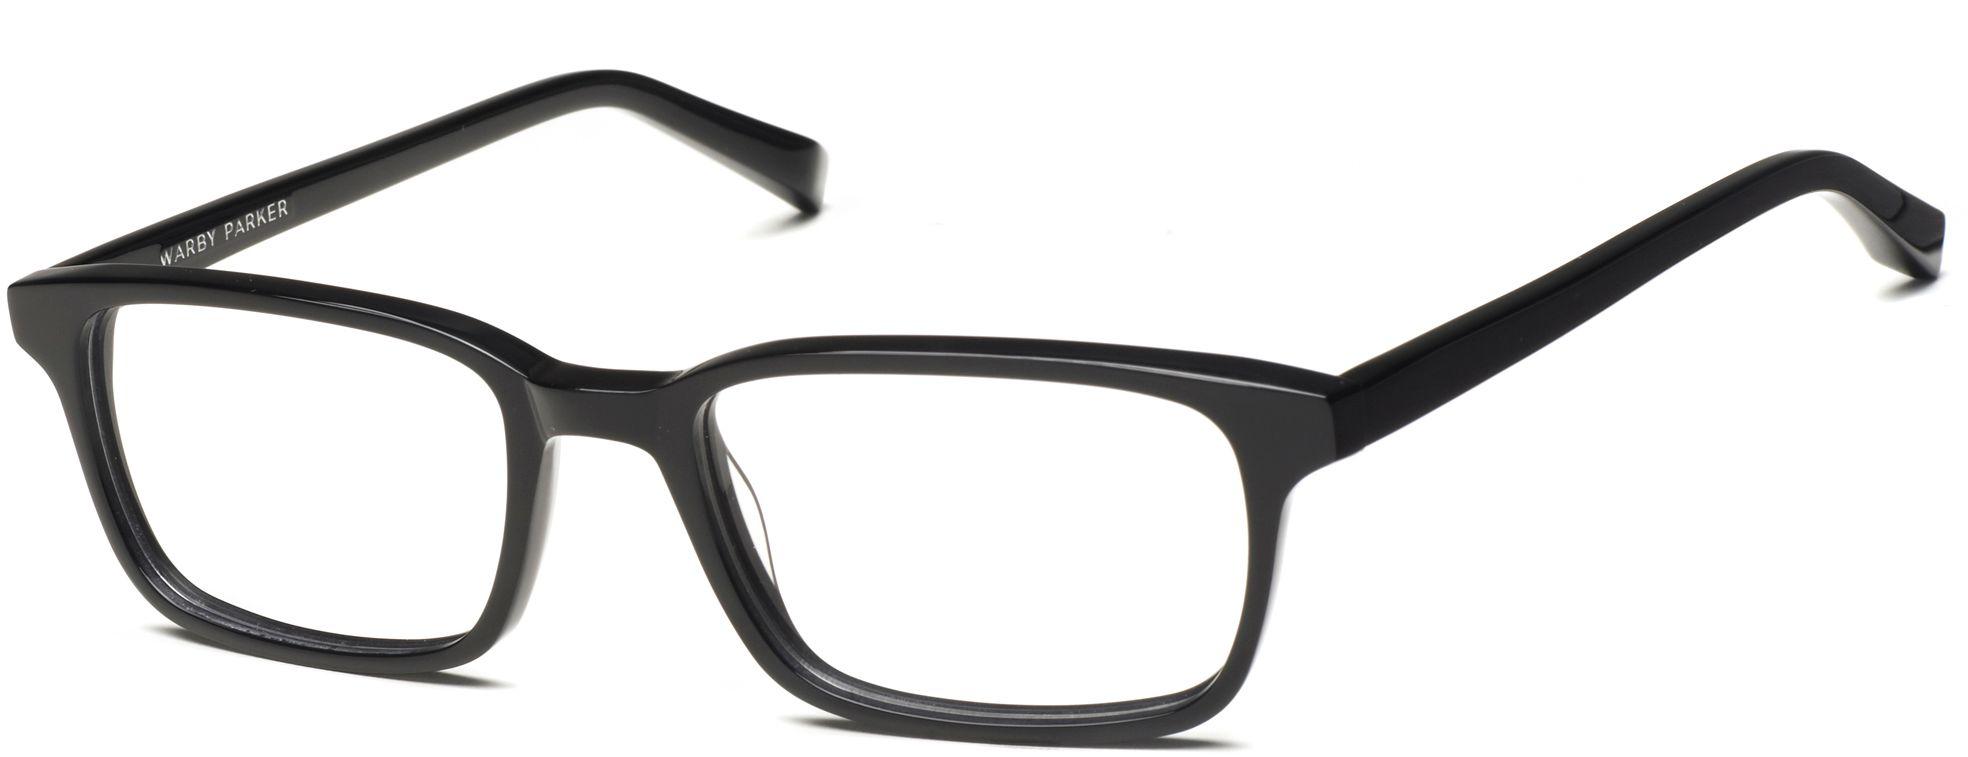 1ea05a040c Crane Eyeglasses in Jet Black for Men